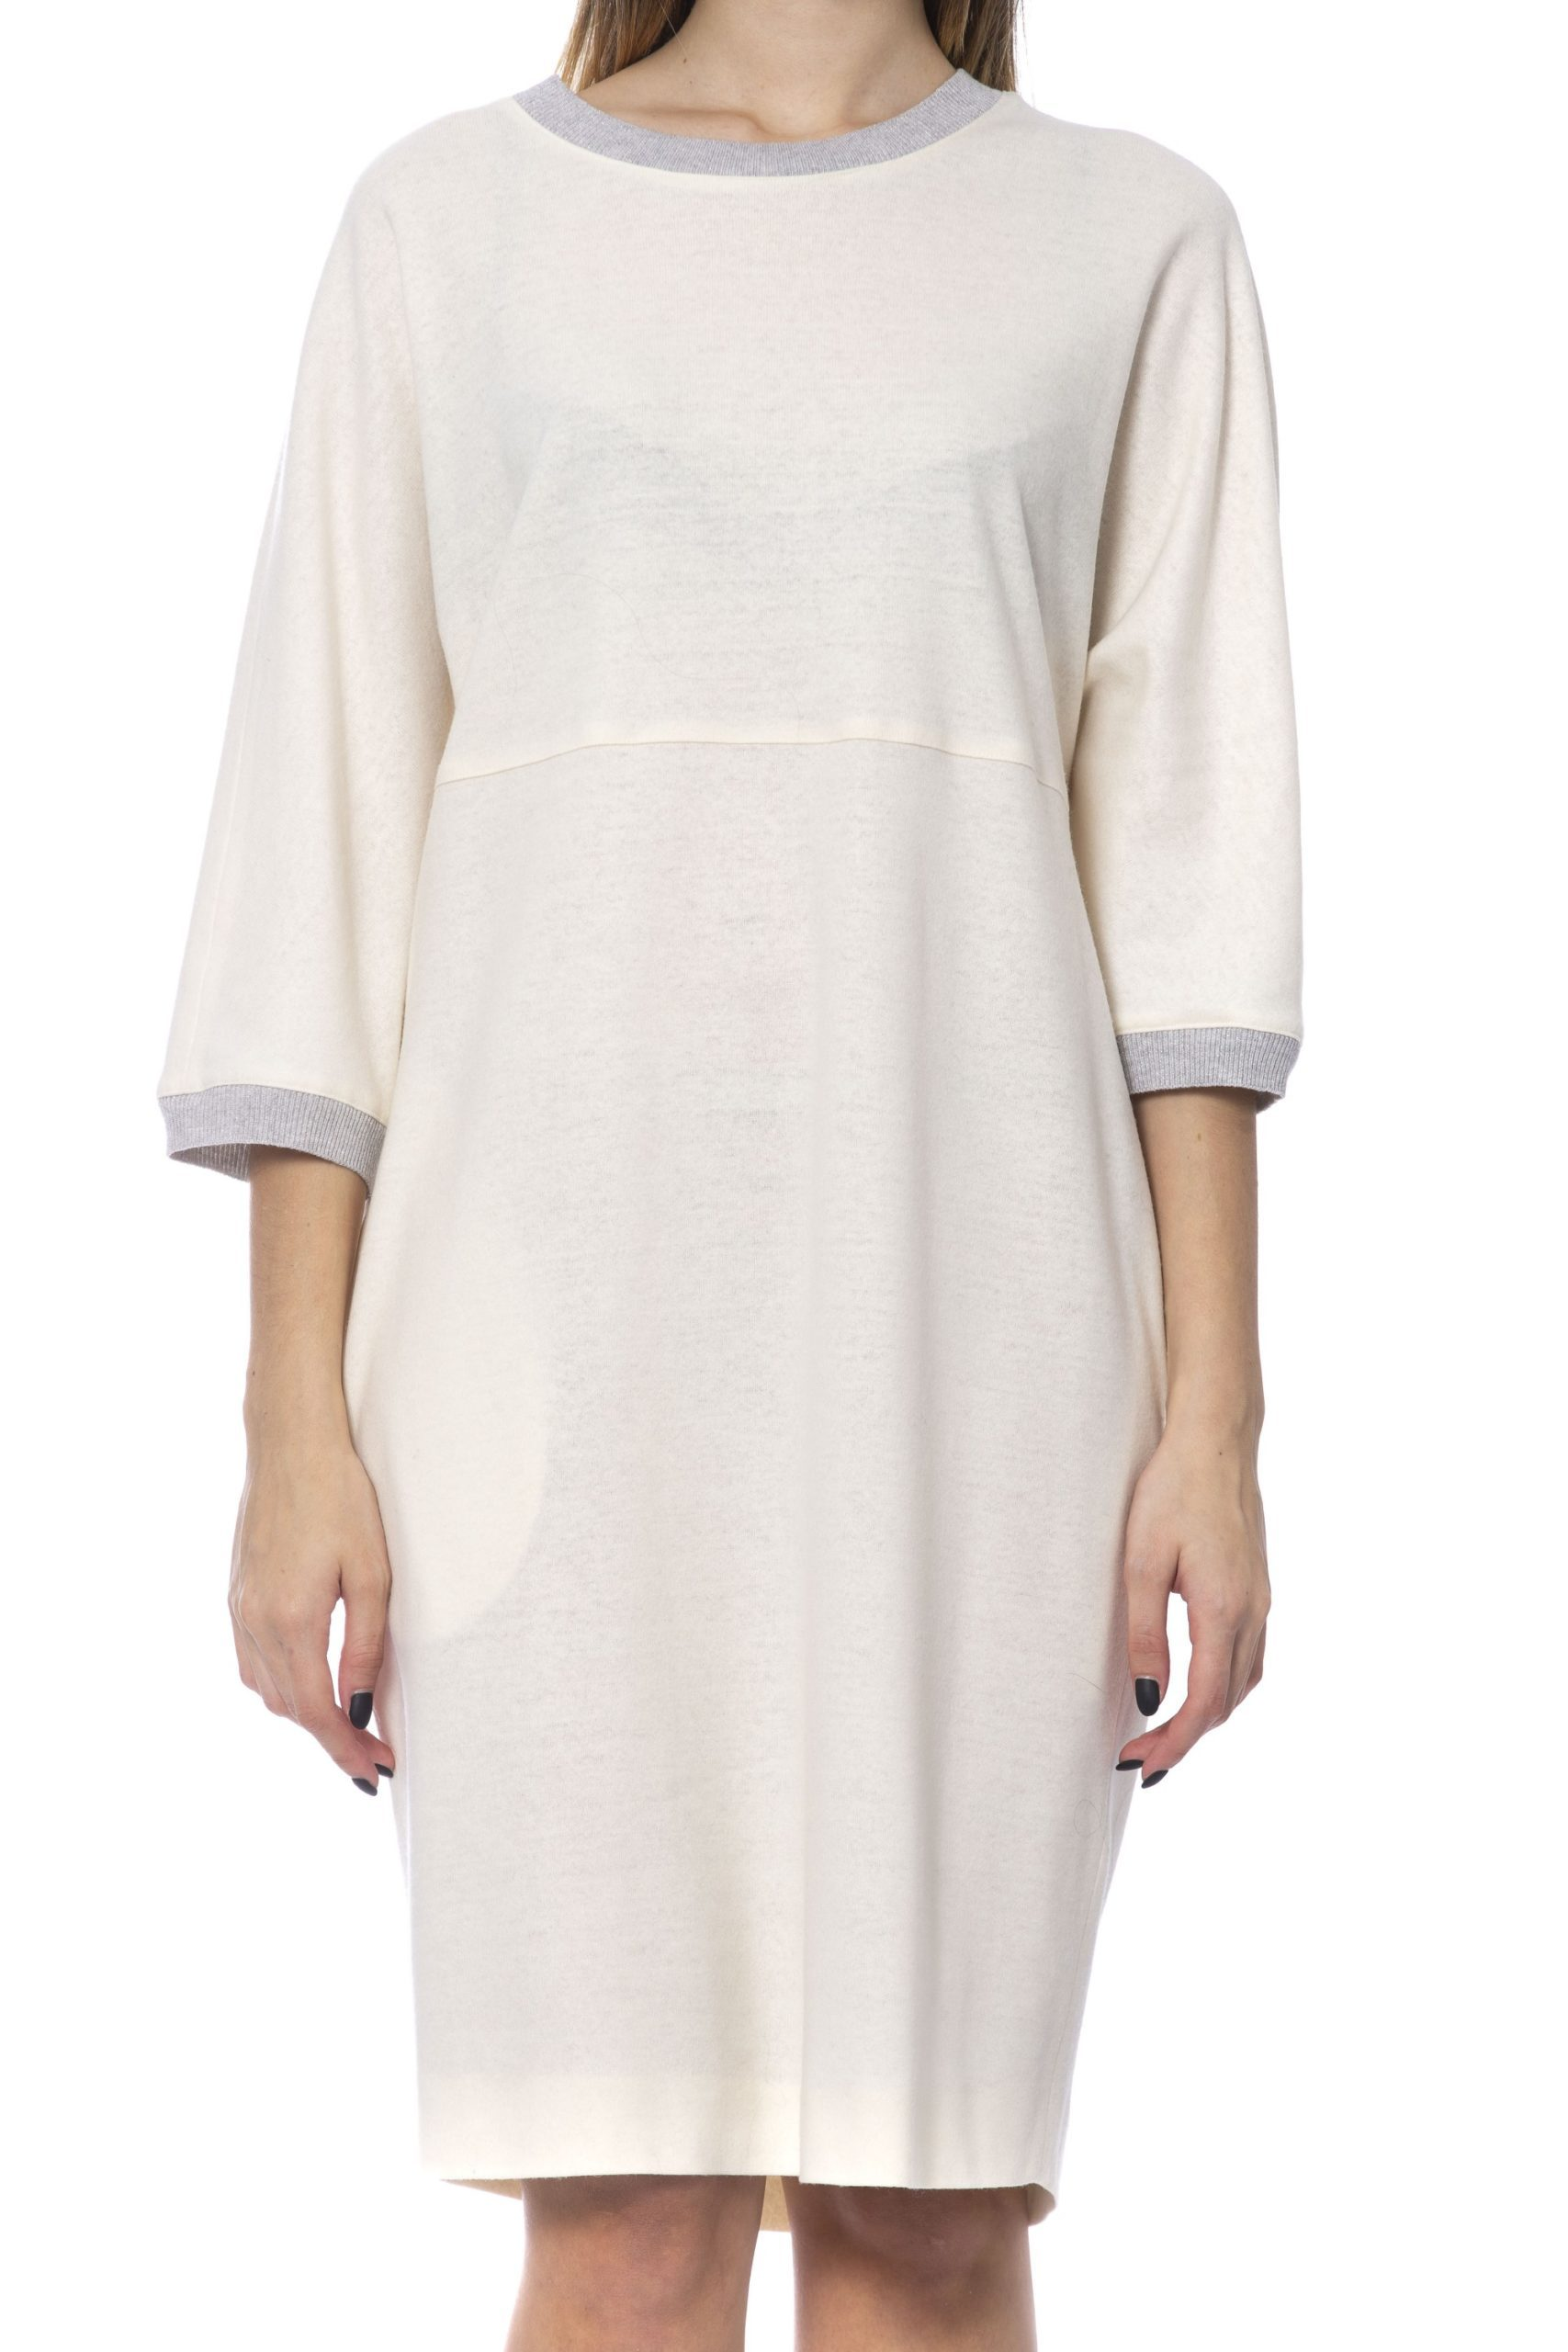 Peserico Women's Dress Beige PE993816 - IT42   S